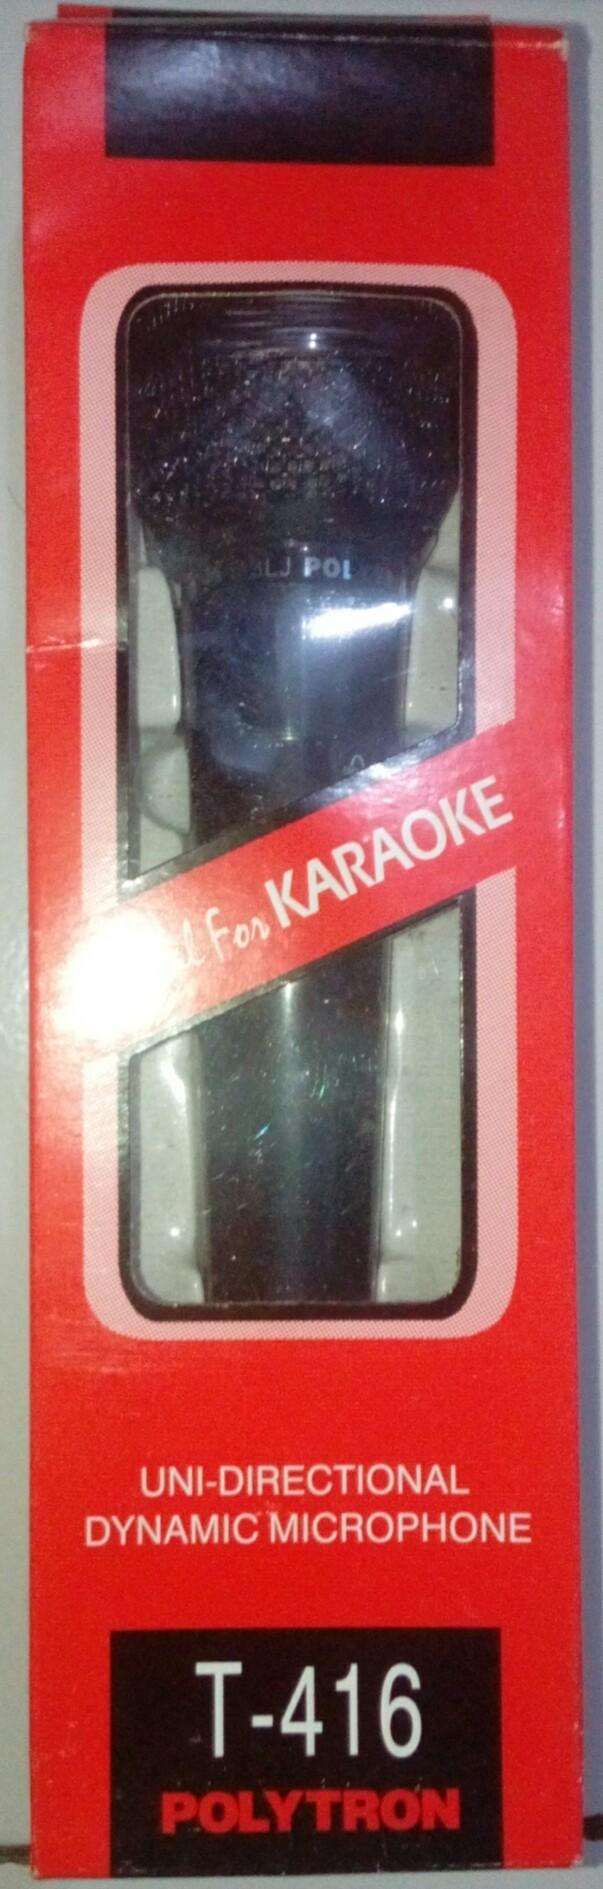 harga Polytron microphone for karaoke Tokopedia.com